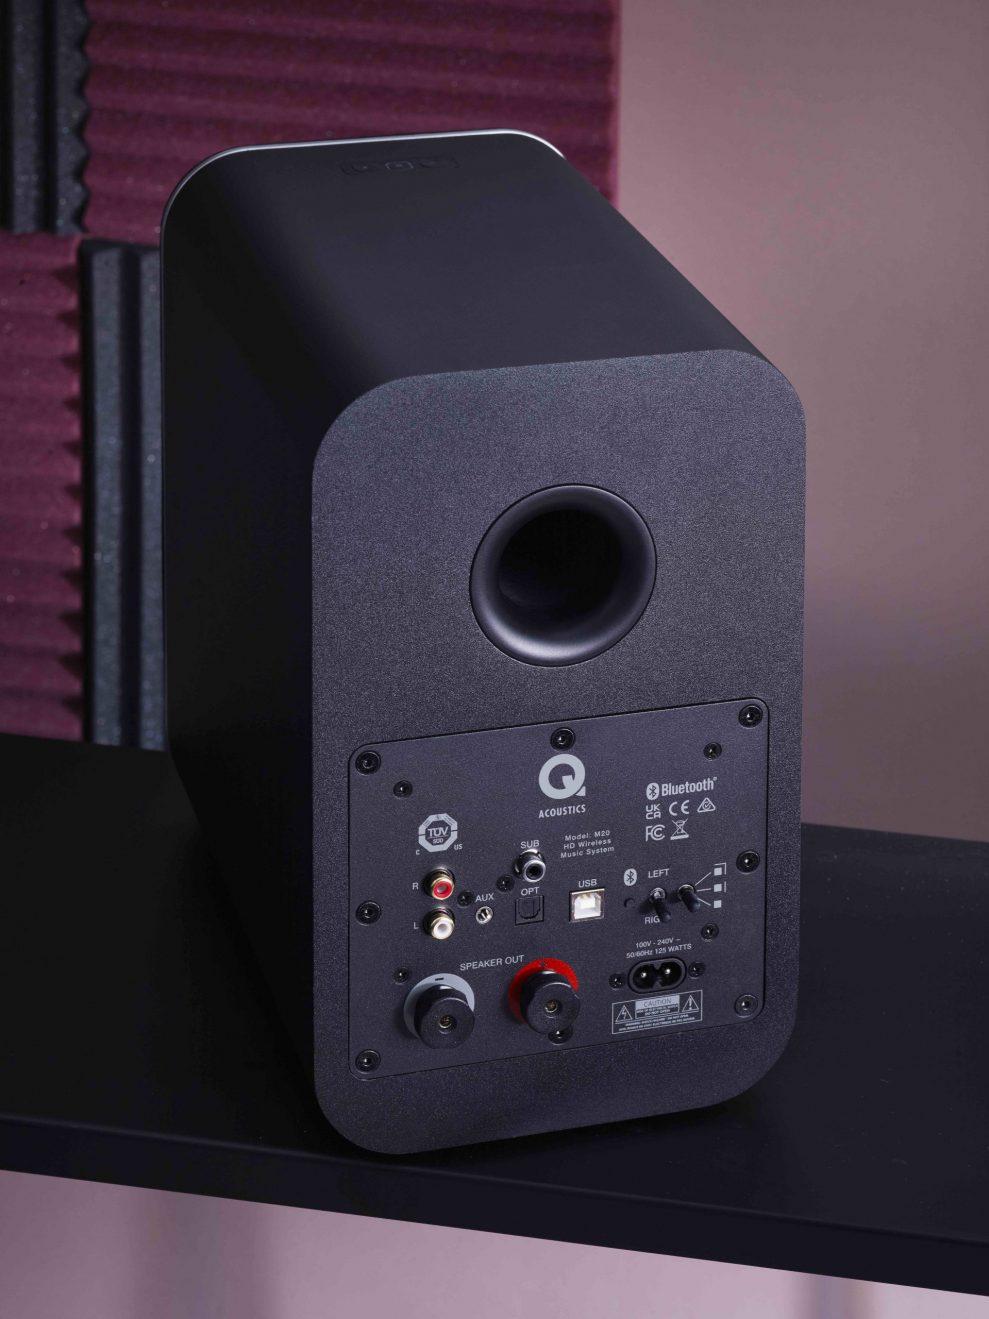 Q Acoustics M20 back